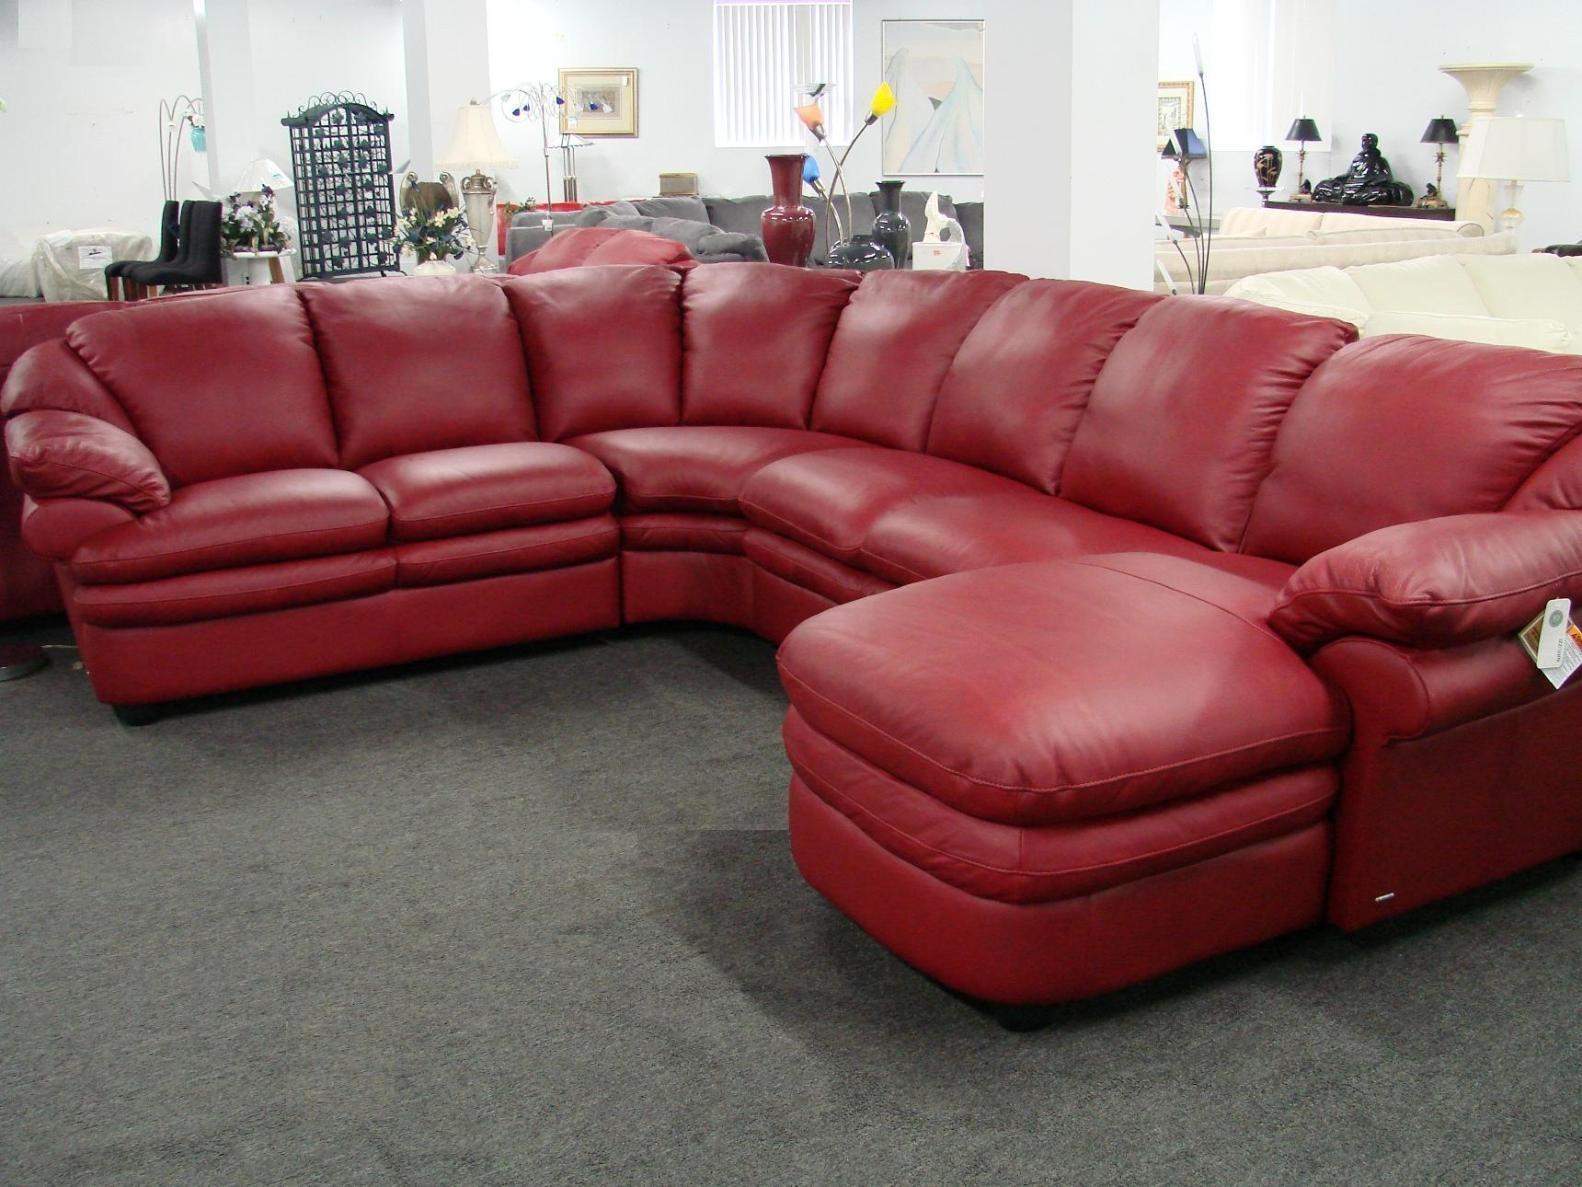 Sofas Center : Natuzzi Leather Sofa Sectional Set Sleeper Inside Natuzzi Microfiber Sectional Sofas (Image 19 of 20)